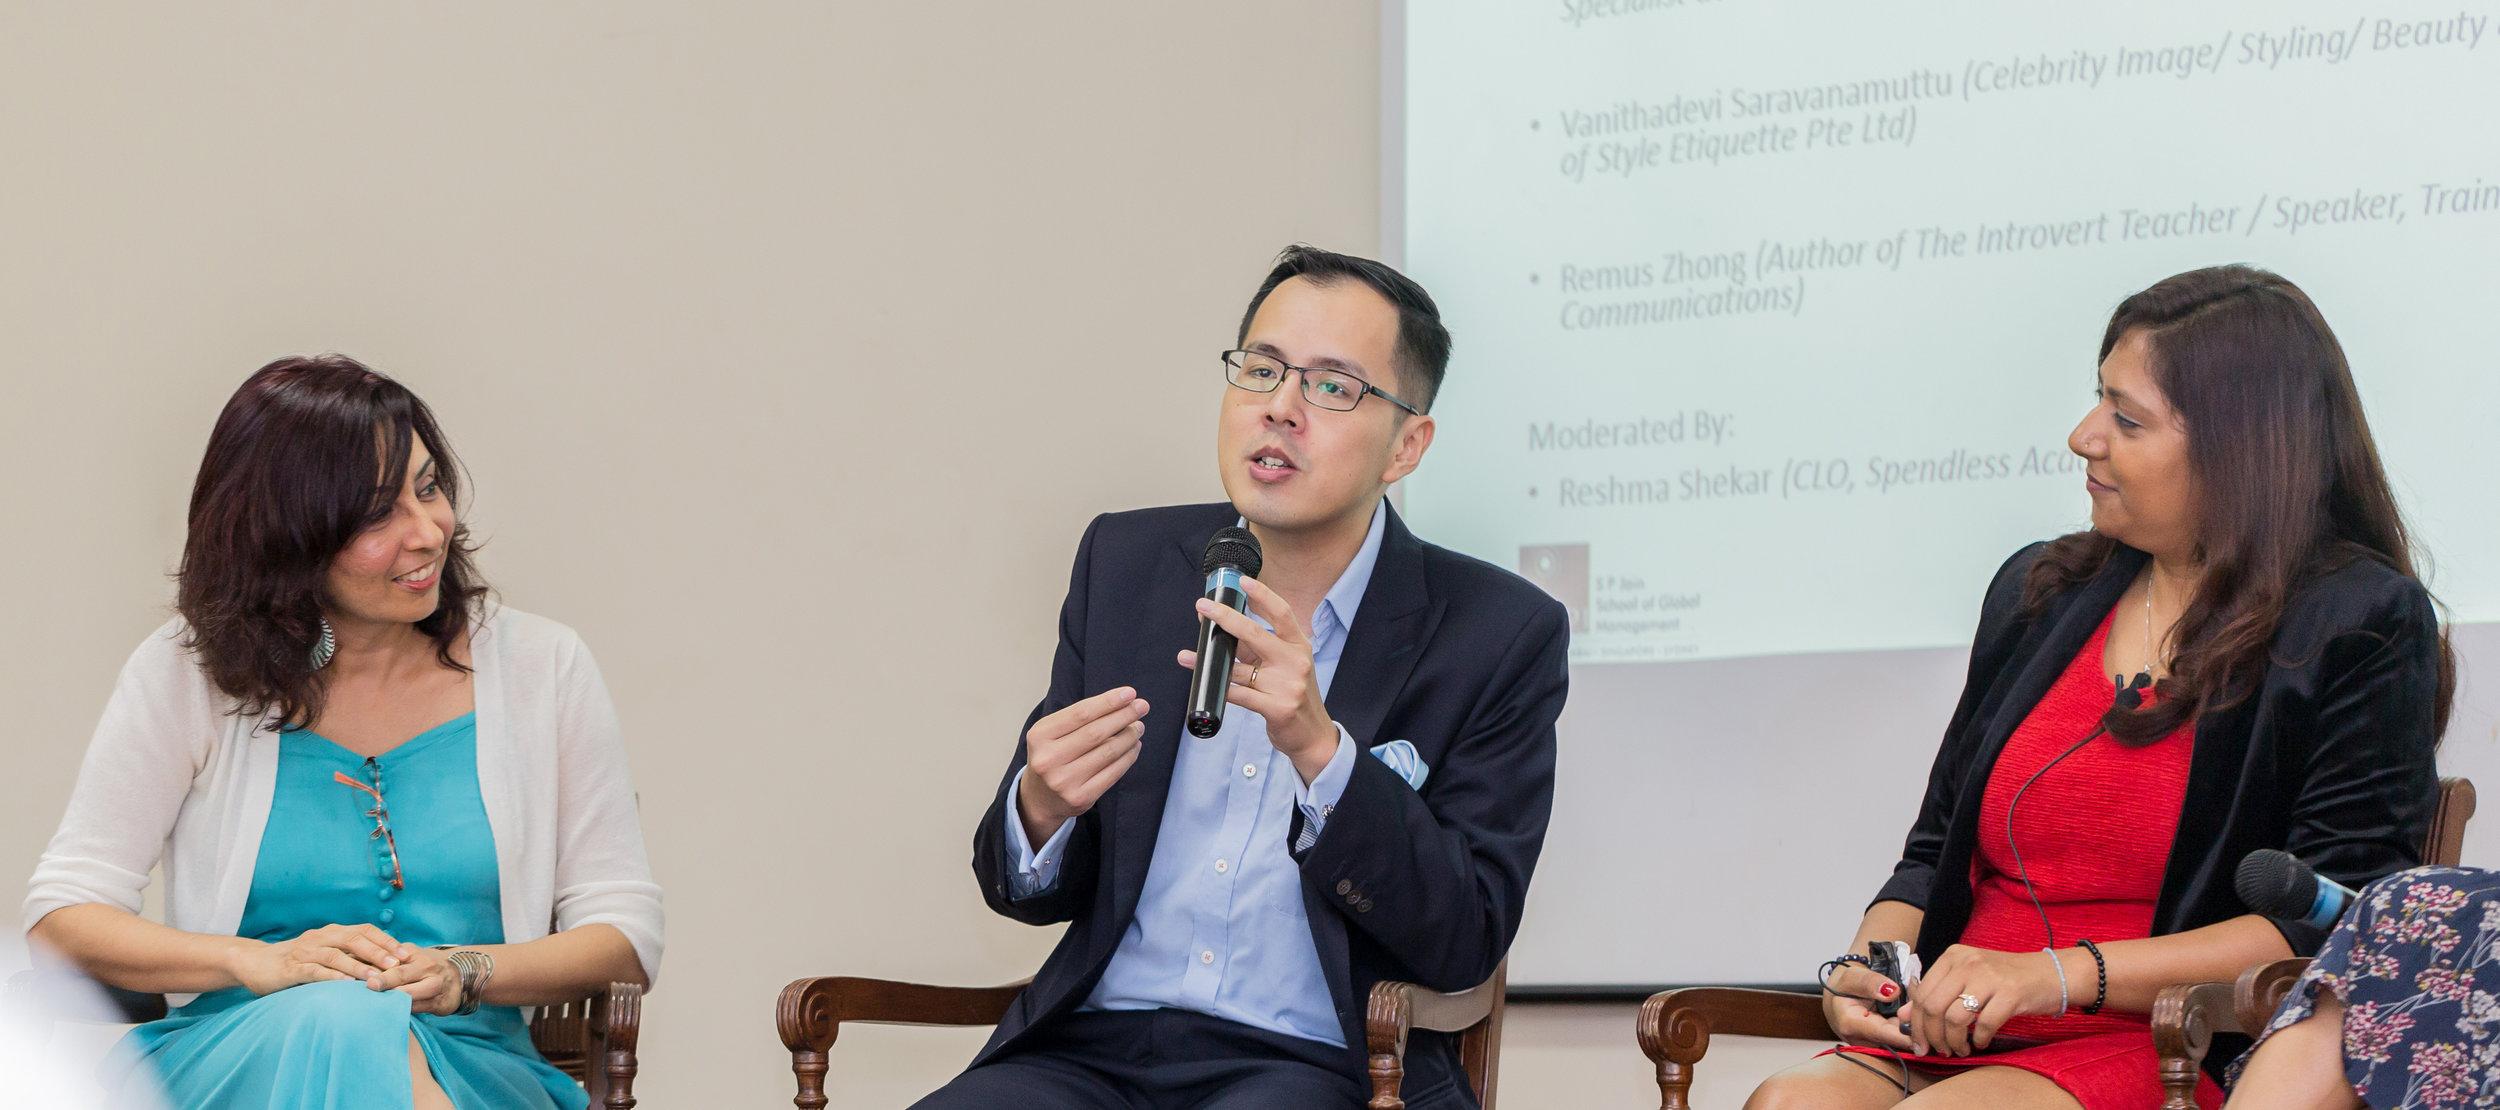 Speaking at S P Jain School - Singapore